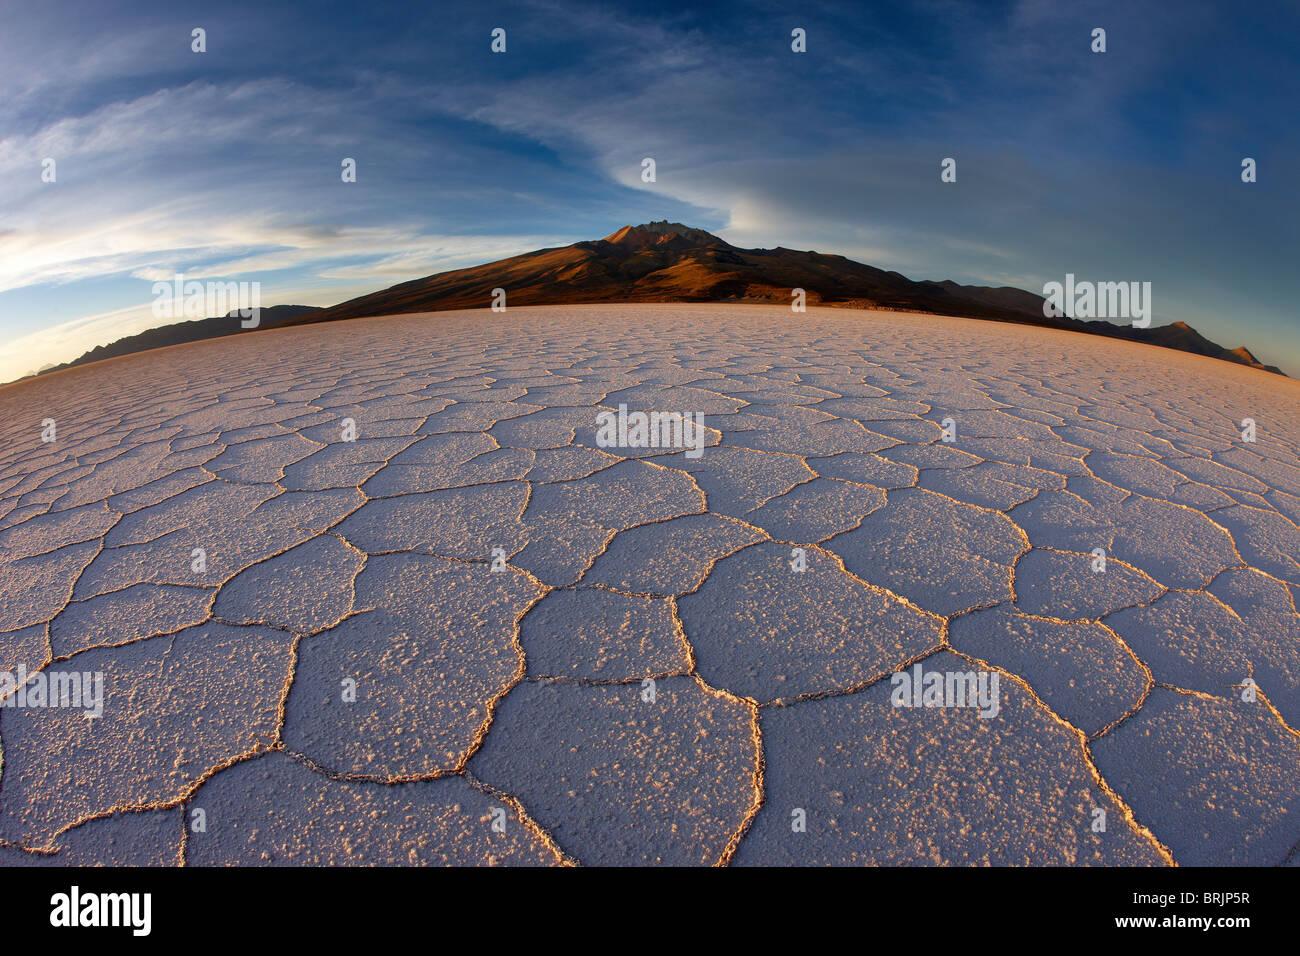 El Salar de Uyuni, Bolivia Imagen De Stock